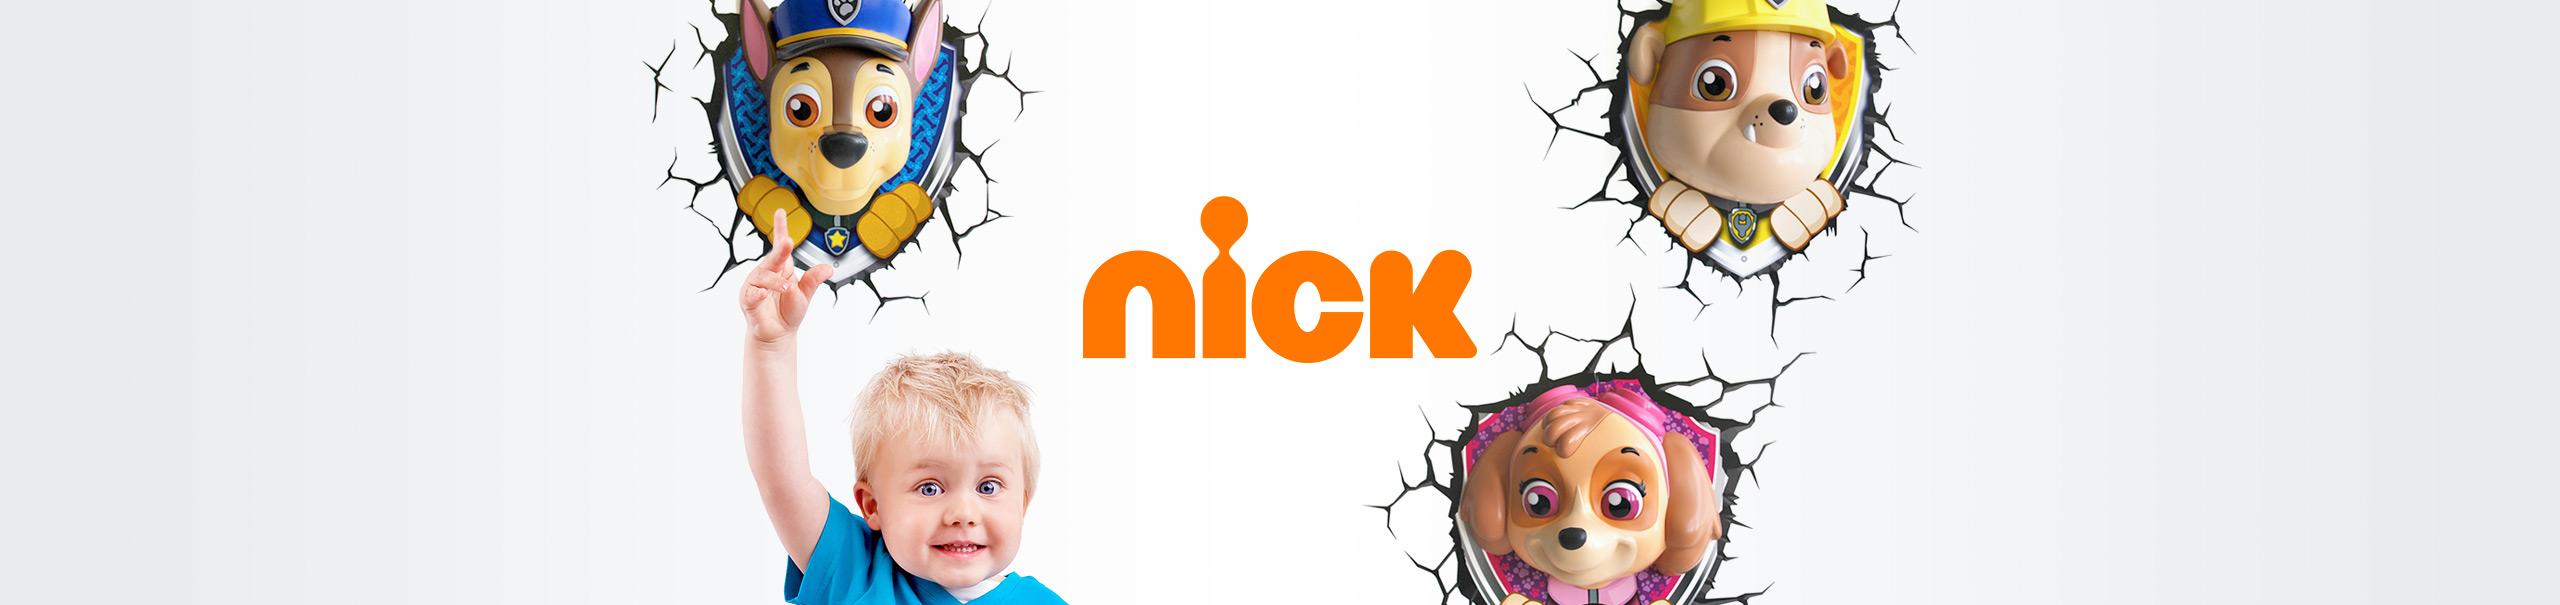 Nickelodeon Banner